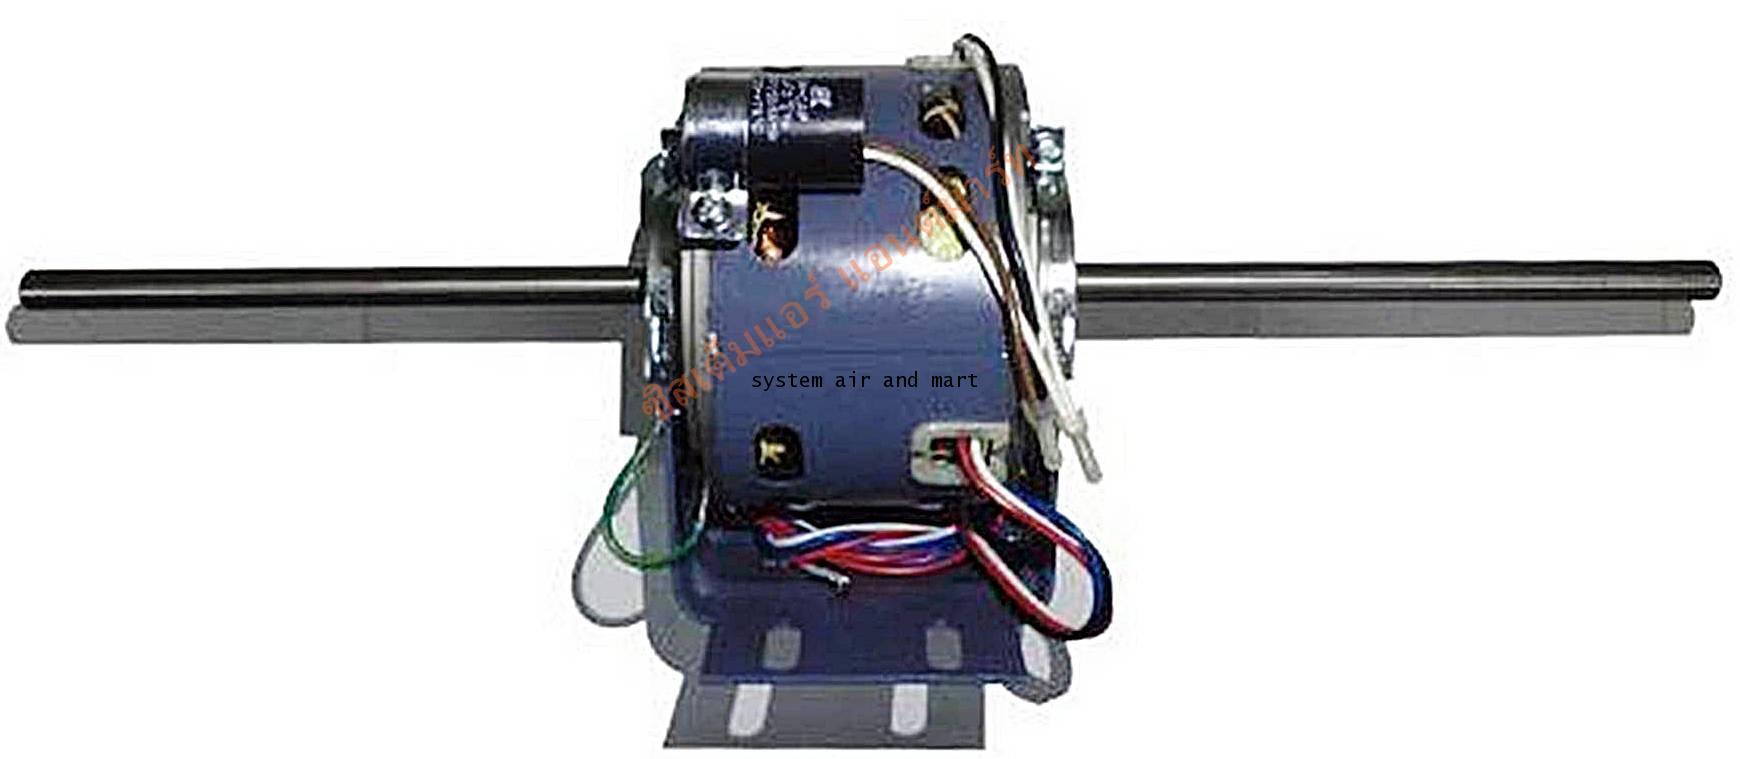 มอเตอร์พัดลม คอยล์เย็น (แฟนคอยล์) 2 แกน ขนาด 1/15HP-1/10HP-1/8HP